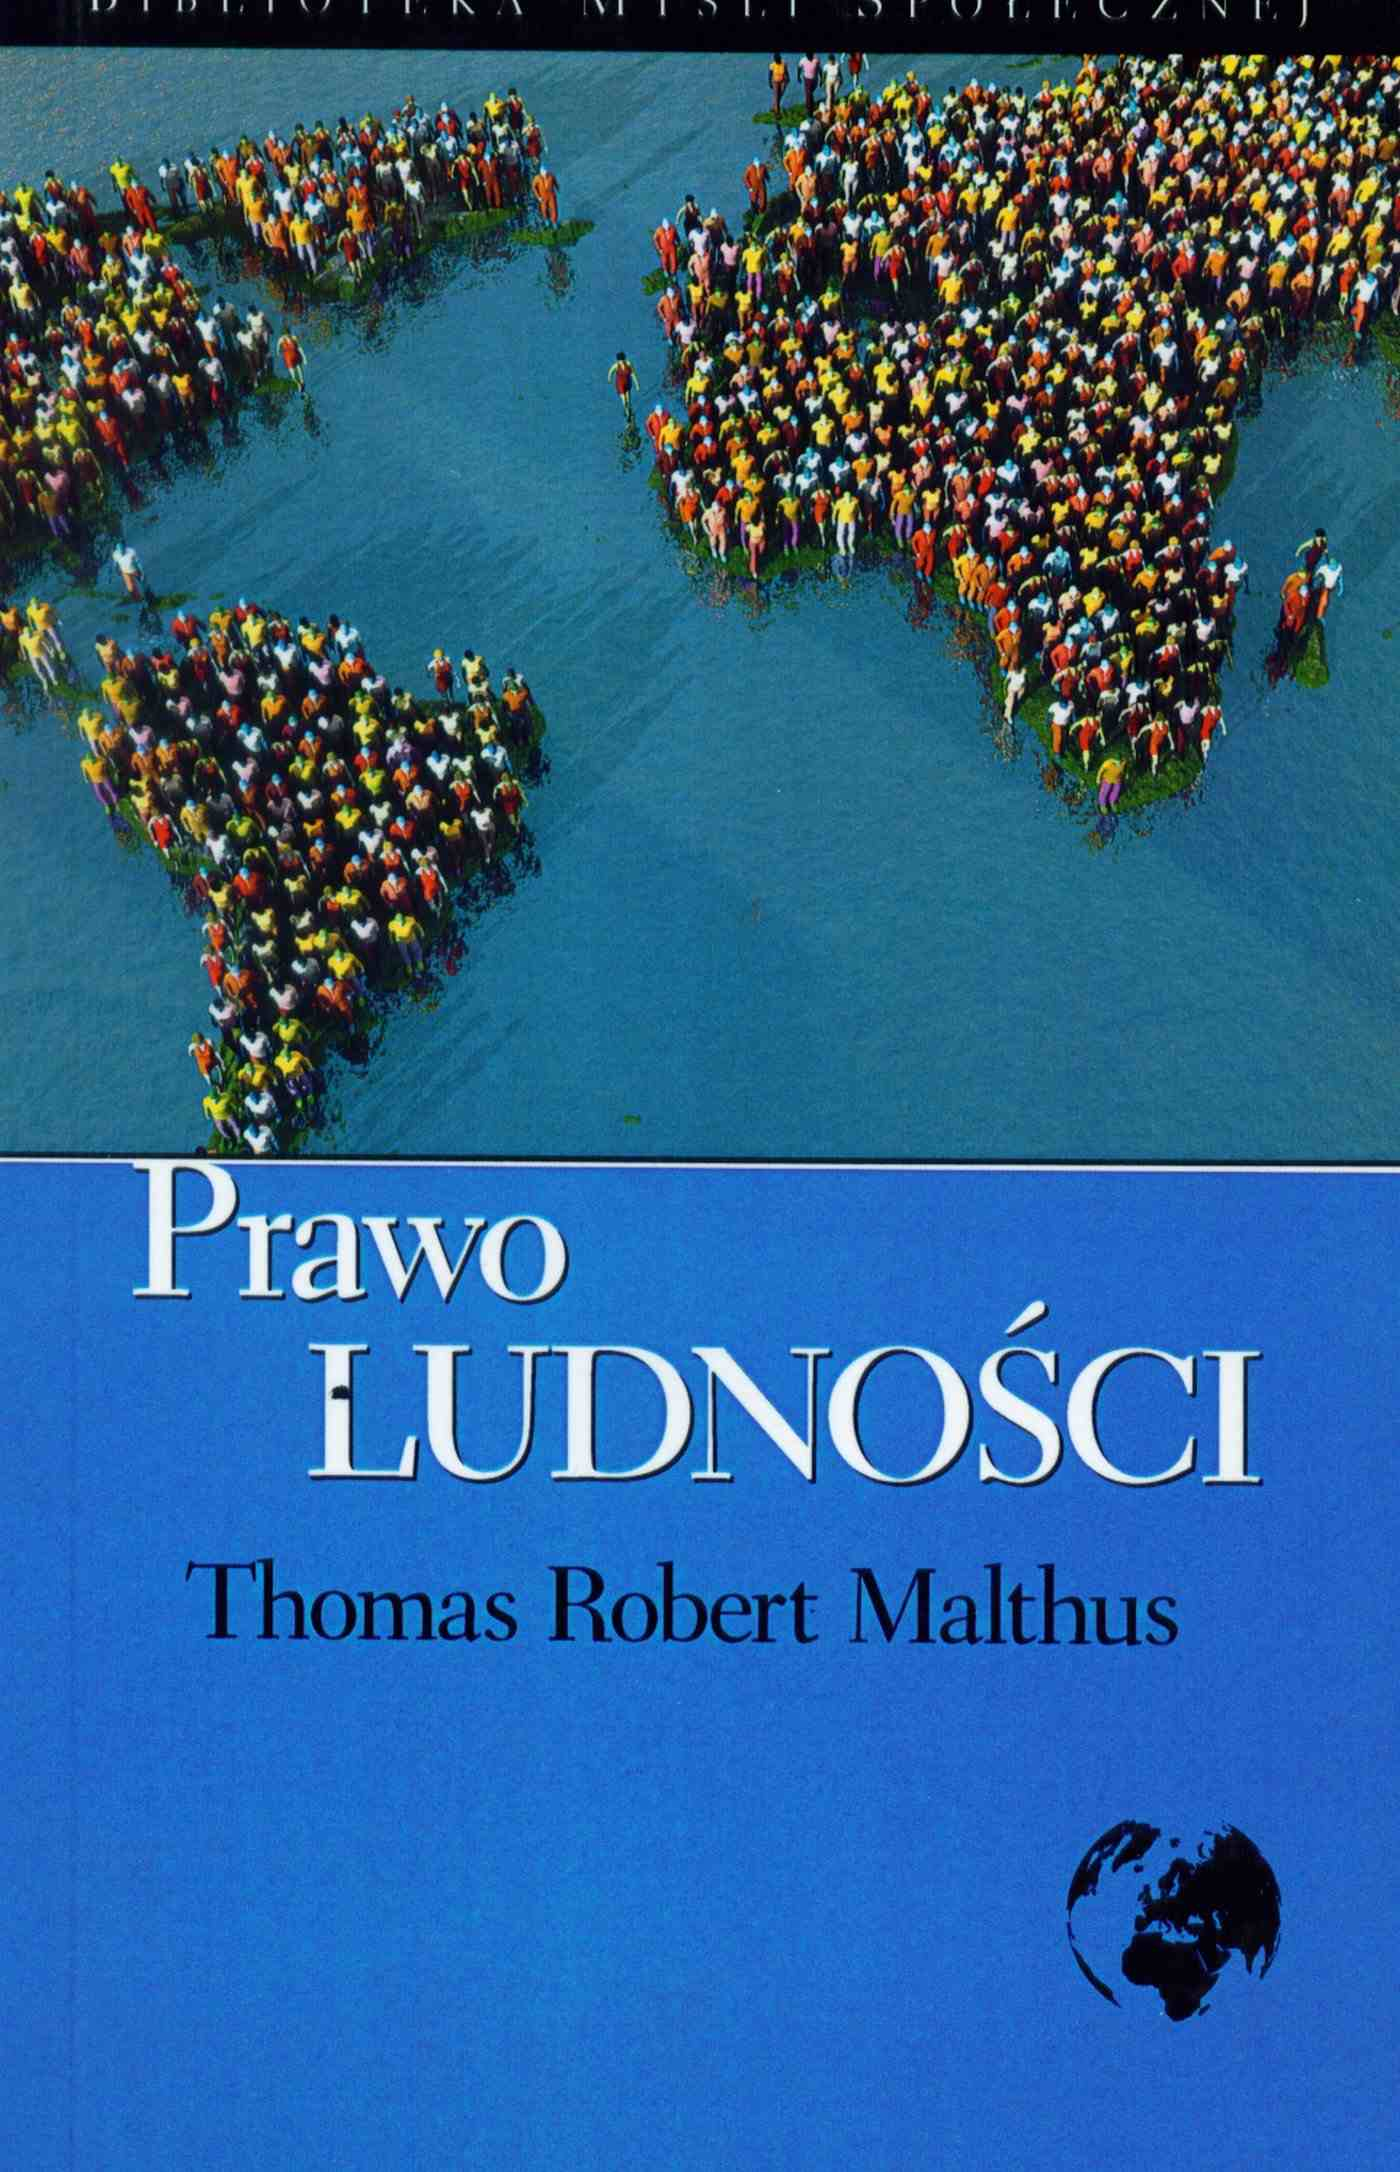 Prawo ludności - Ebook (Książka EPUB) do pobrania w formacie EPUB